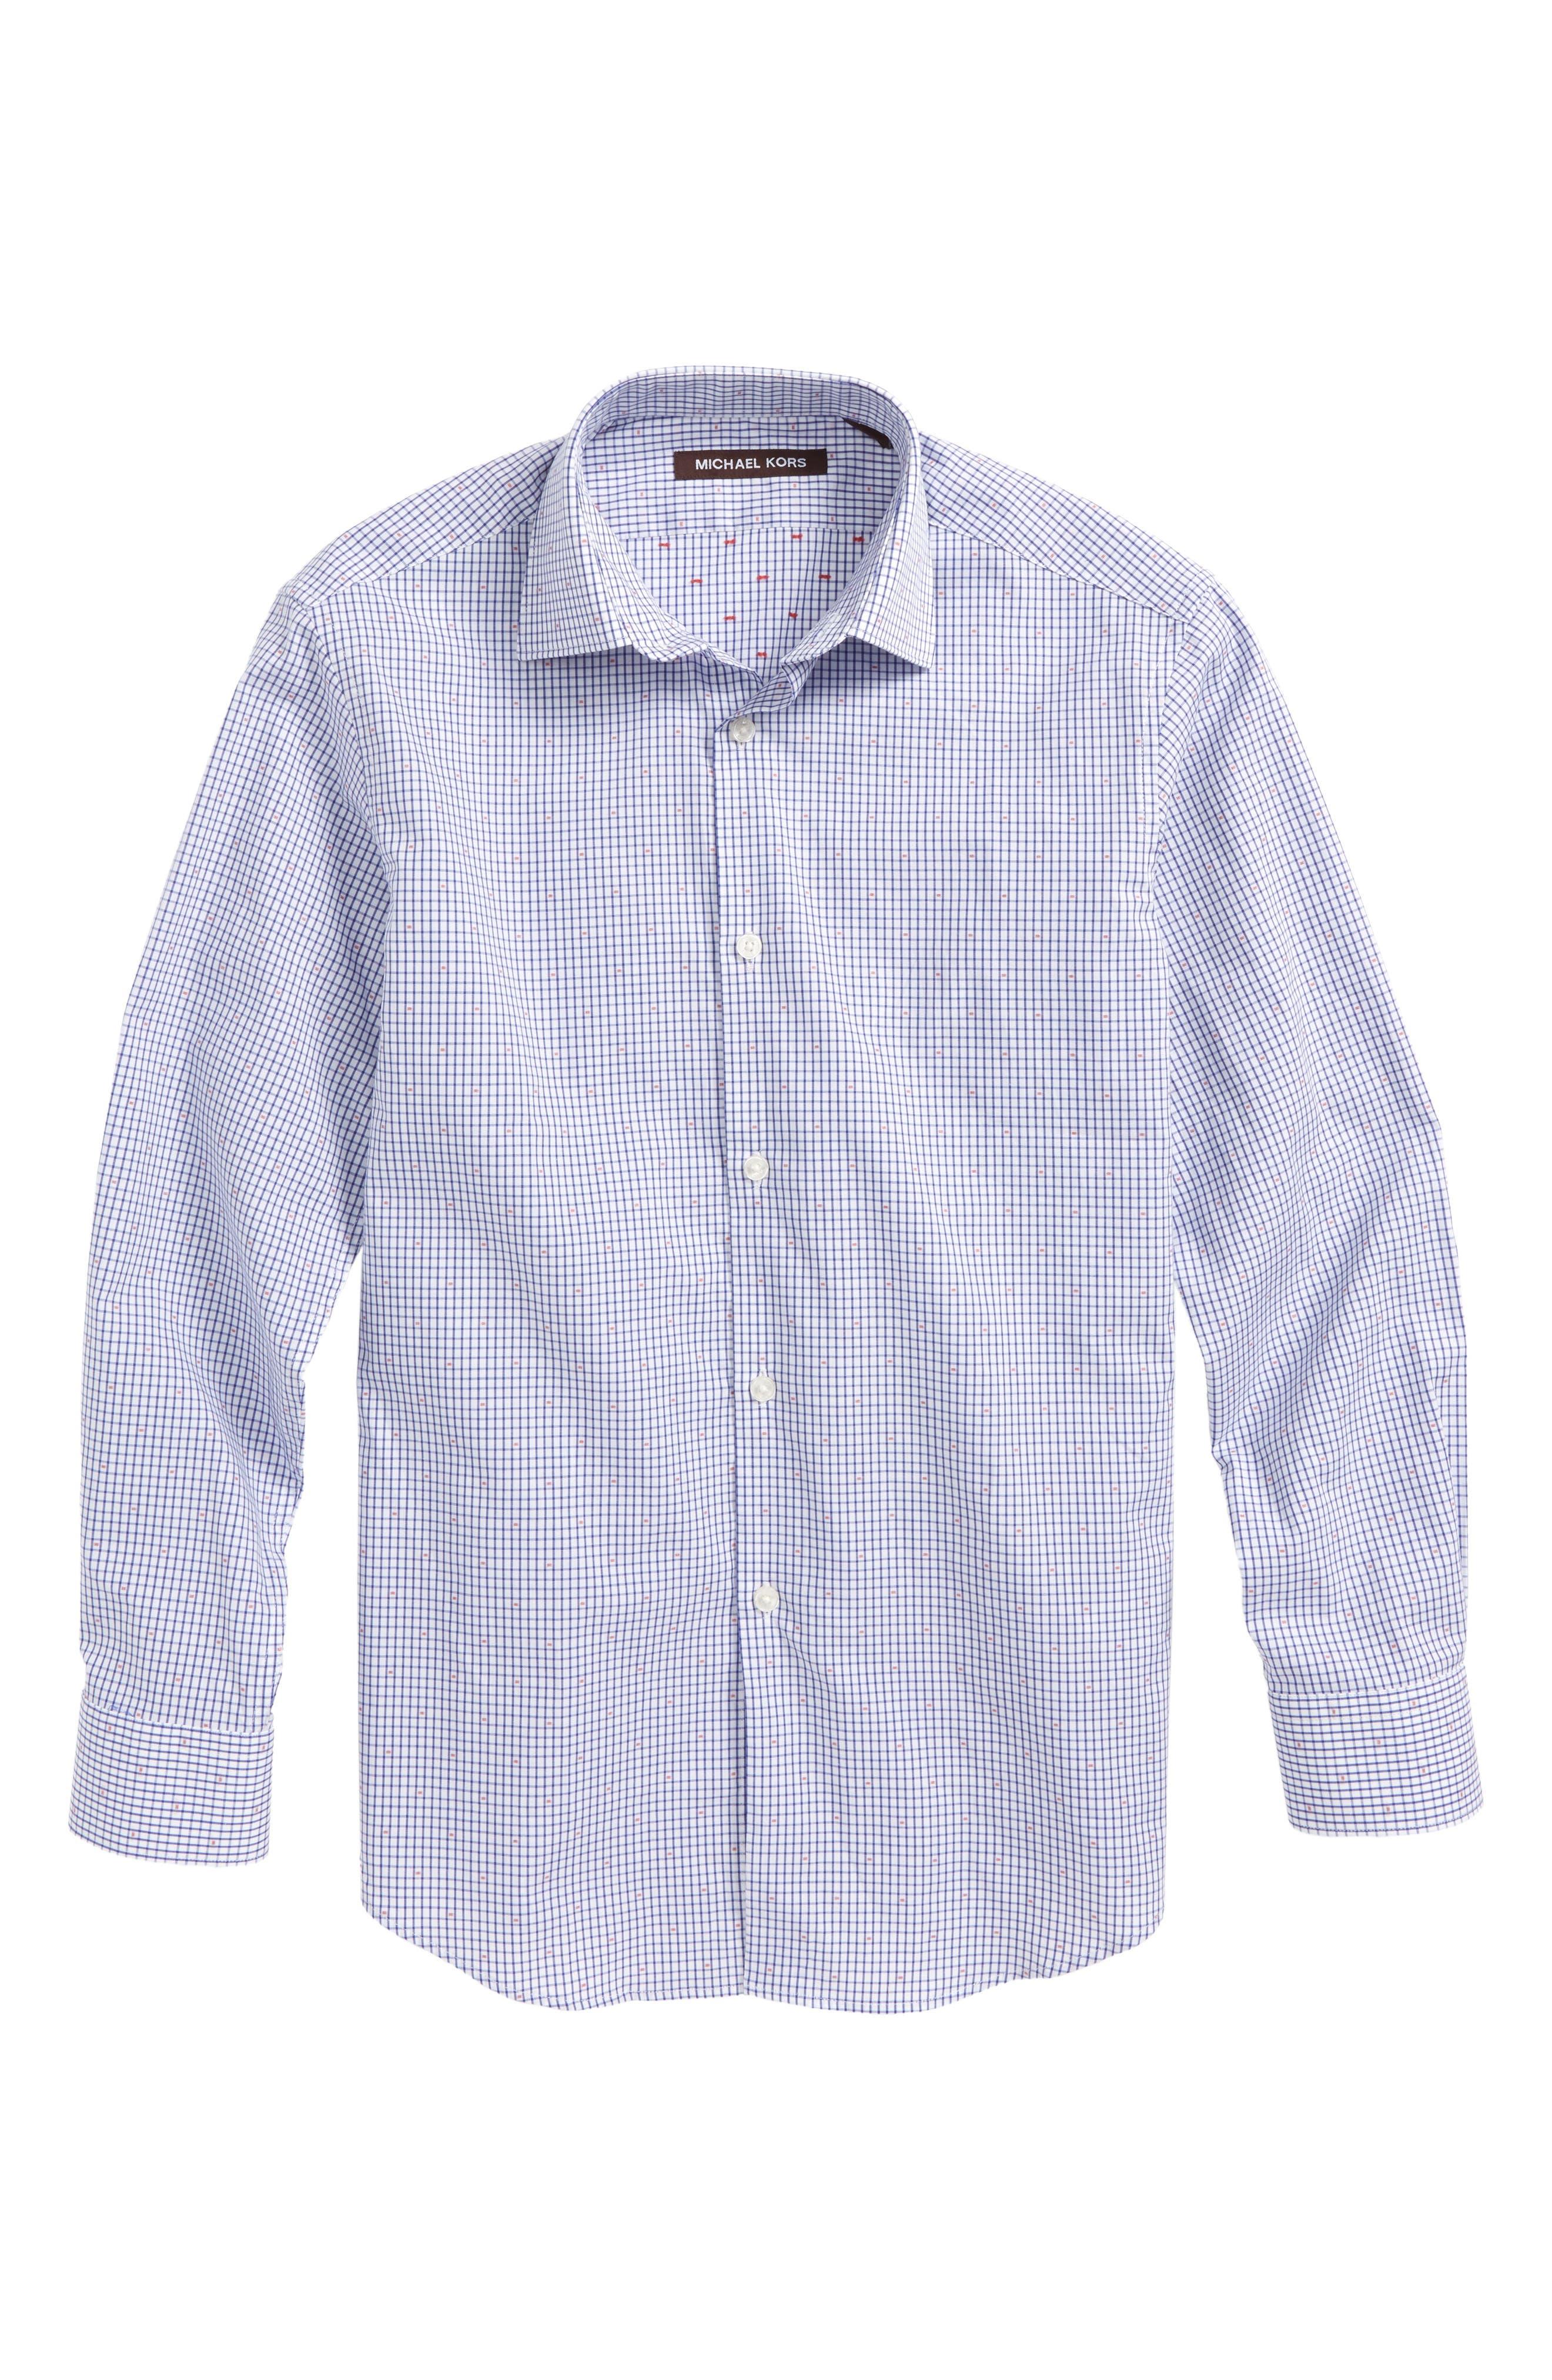 Mini Check Dress Shirt,                             Main thumbnail 1, color,                             Blue/ White